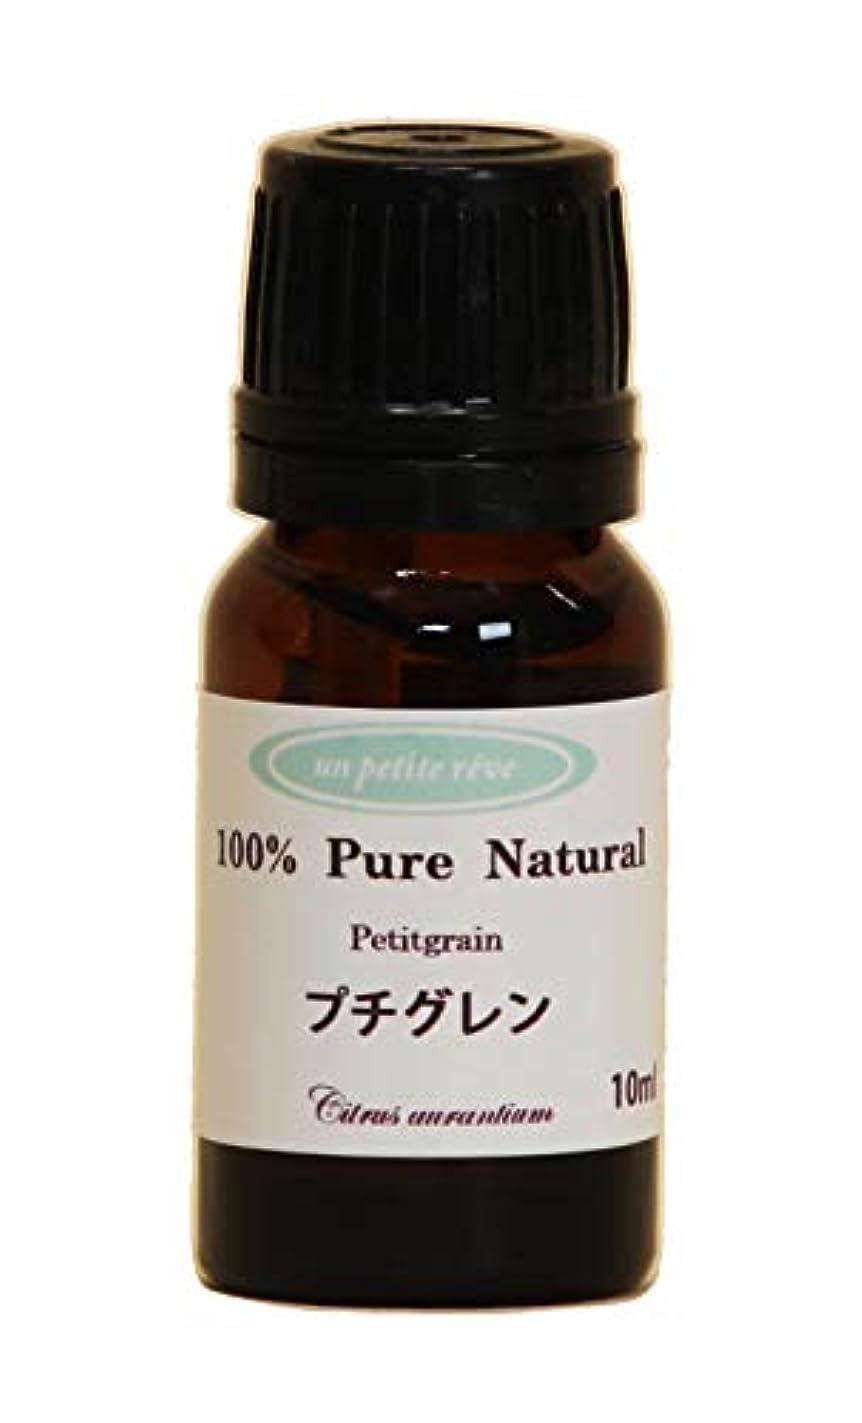 慎重に自宅でニッケルプチグレン 10ml 100%天然アロマエッセンシャルオイル(精油)